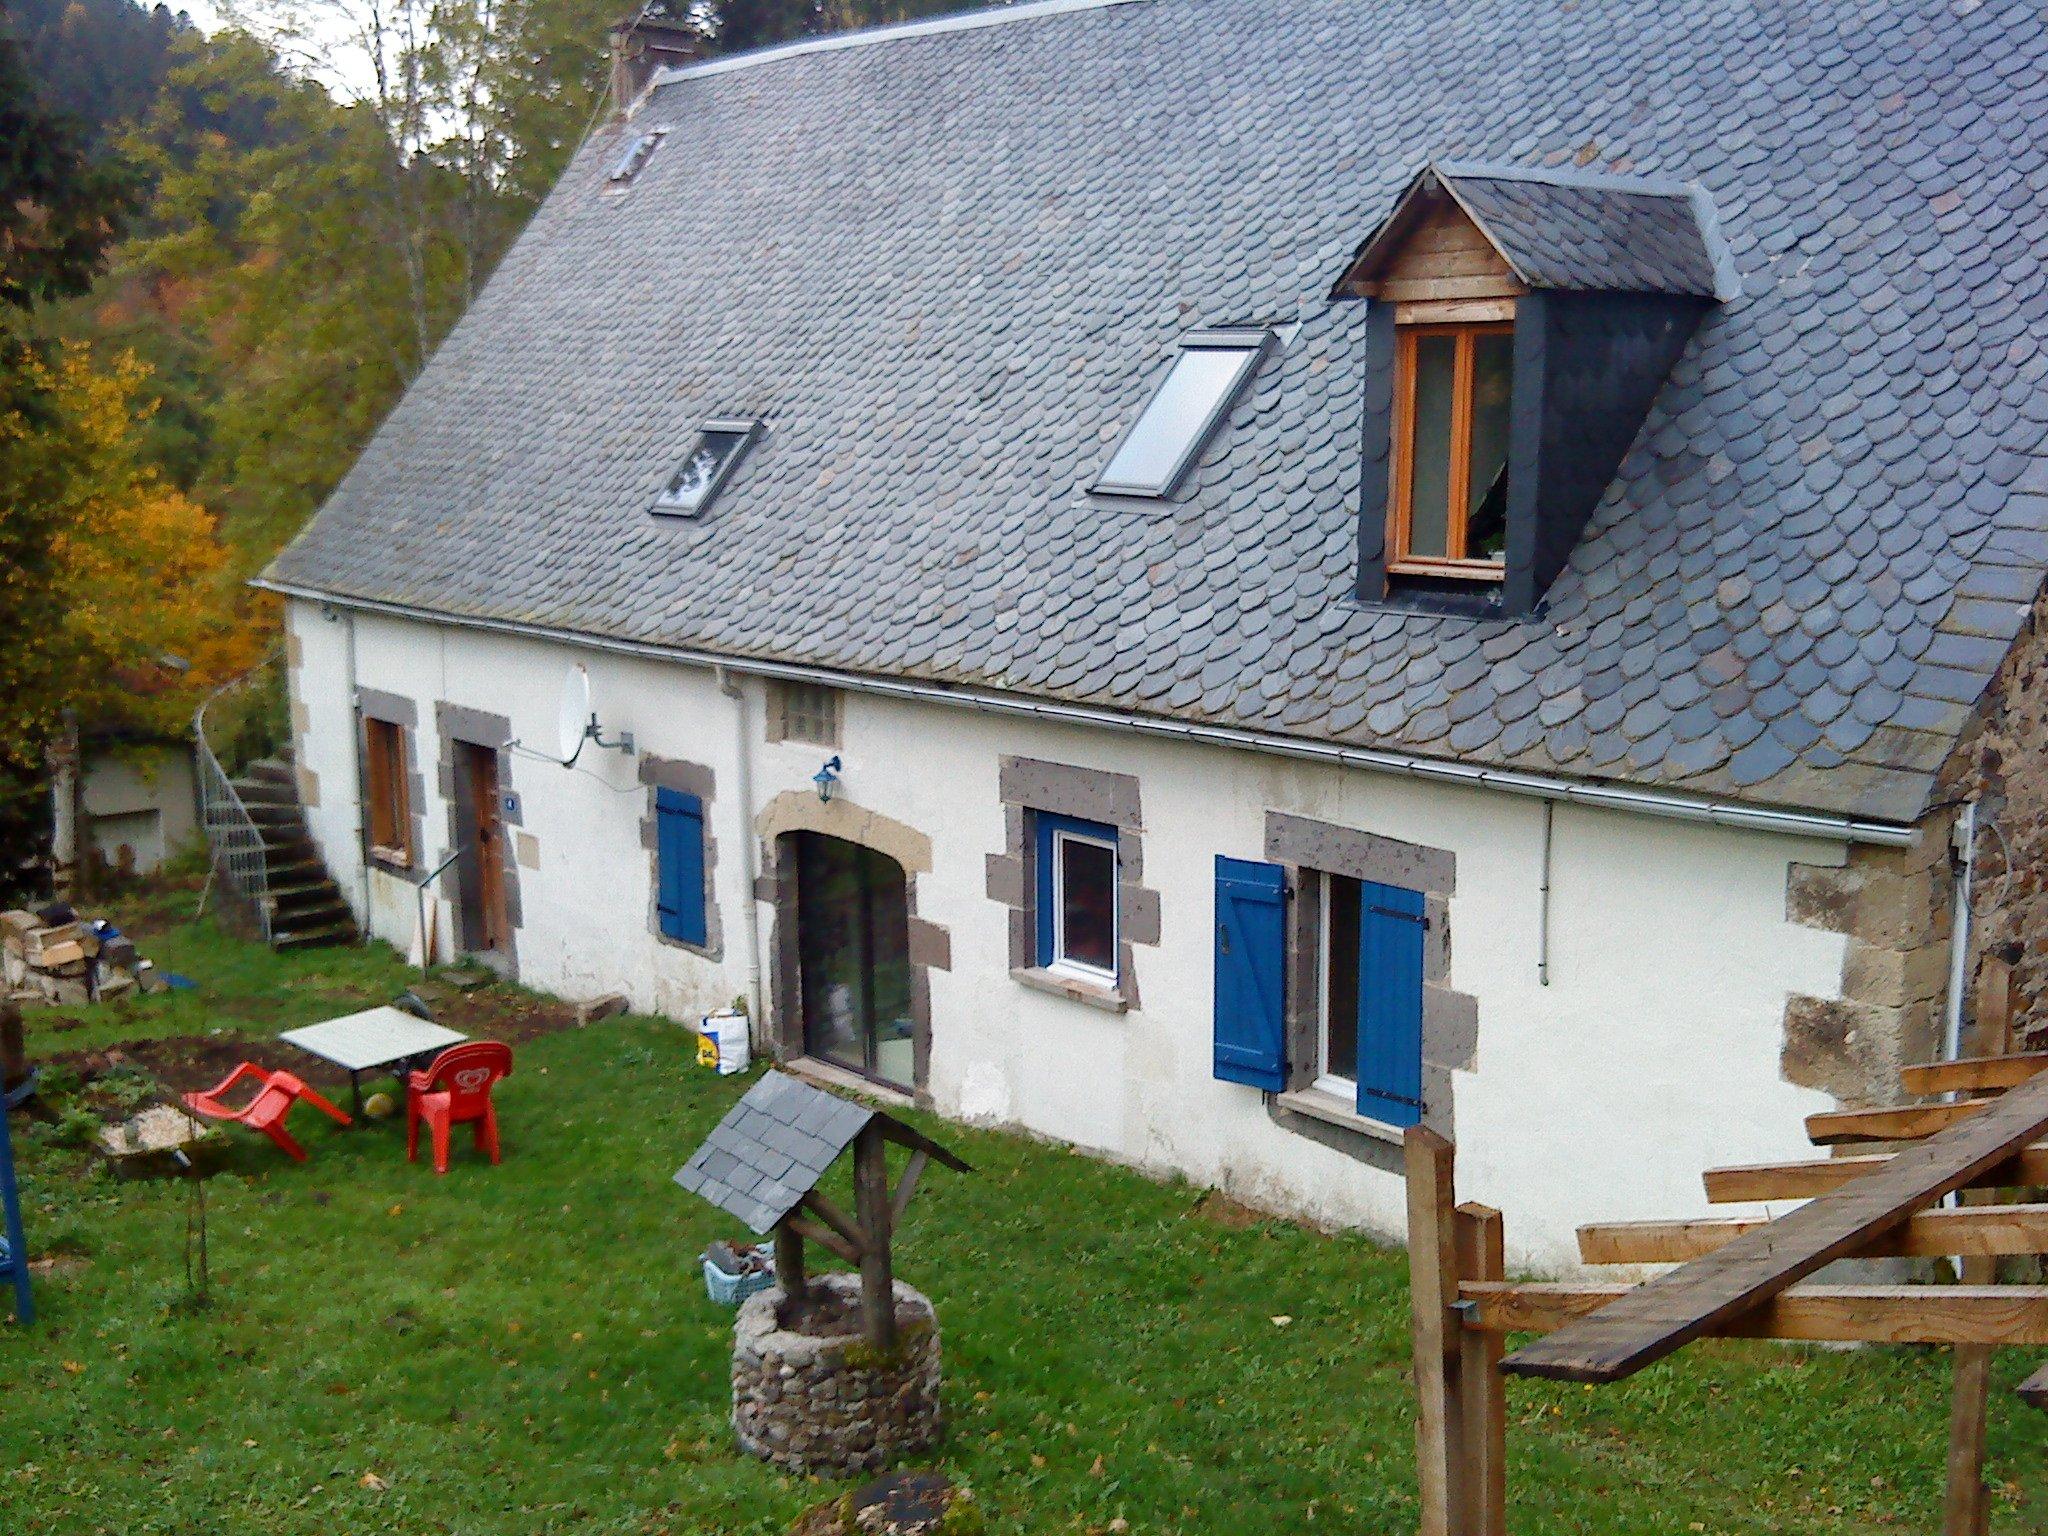 29 jean louis murat et les animaux jean louis murat - La maison de tuina ...